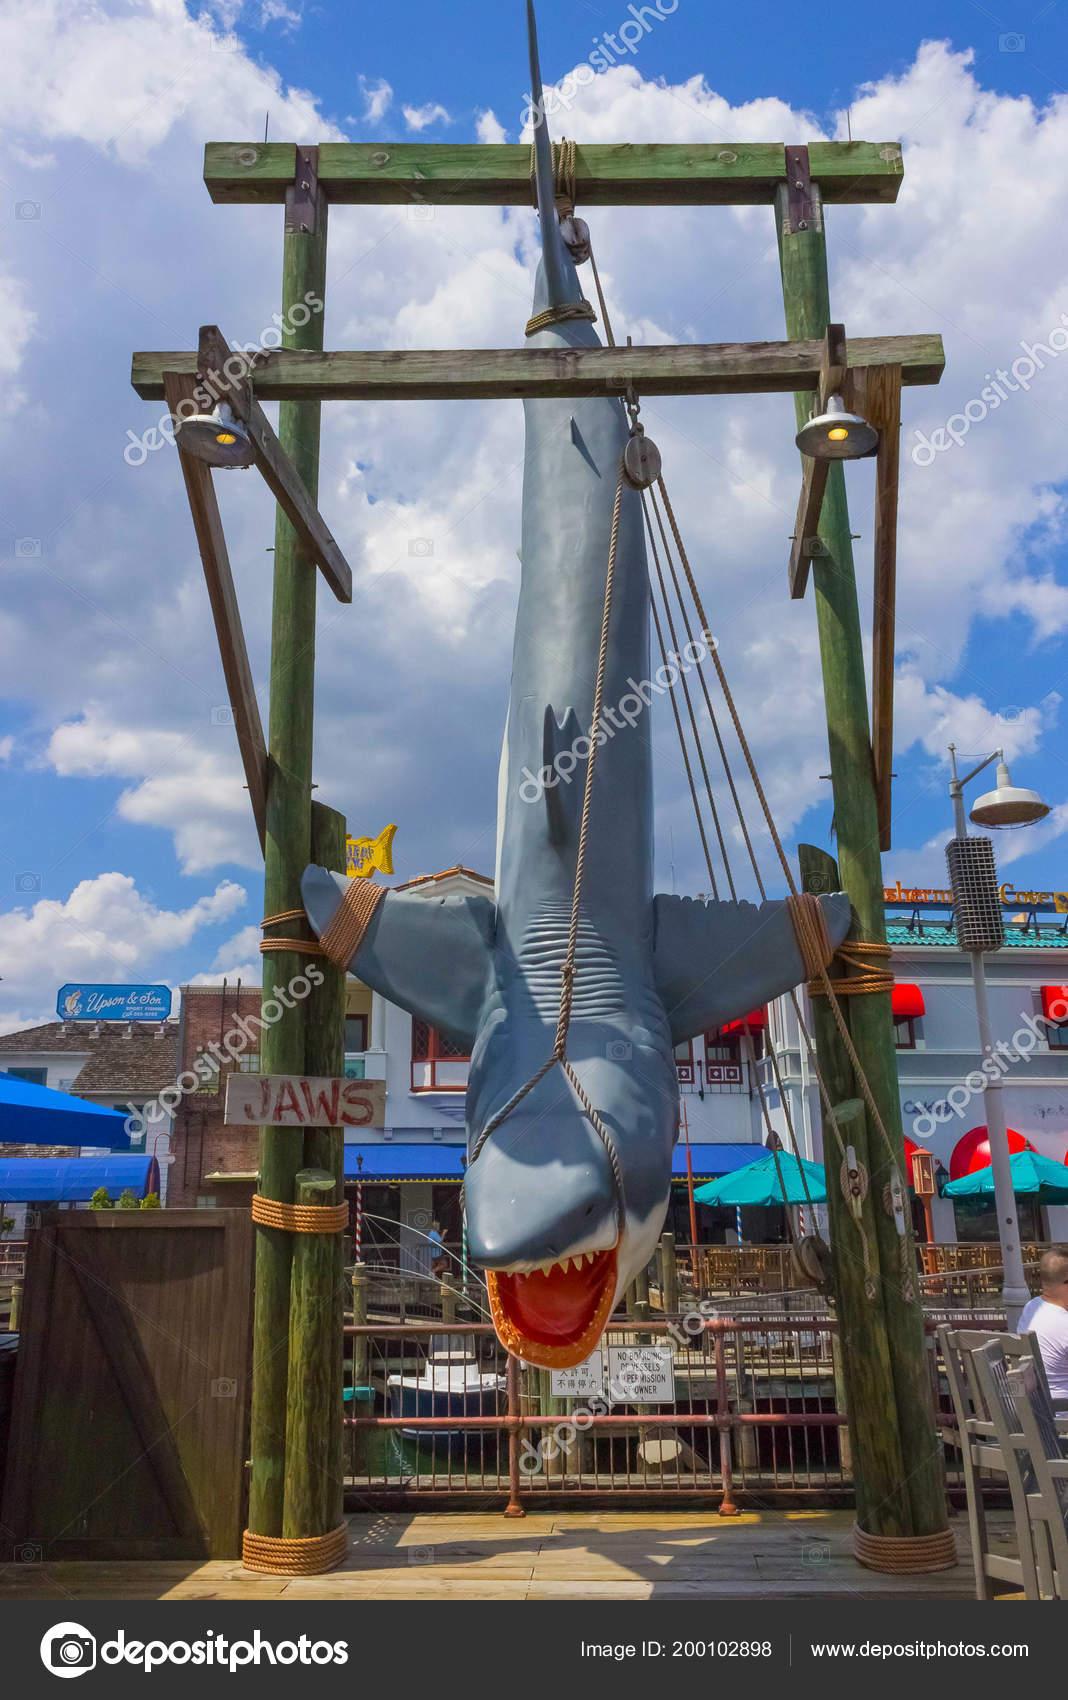 Map Of Universal Studios Florida.Orlando Florida Usa May 10 2018 The Jaws Of A Shark At Park